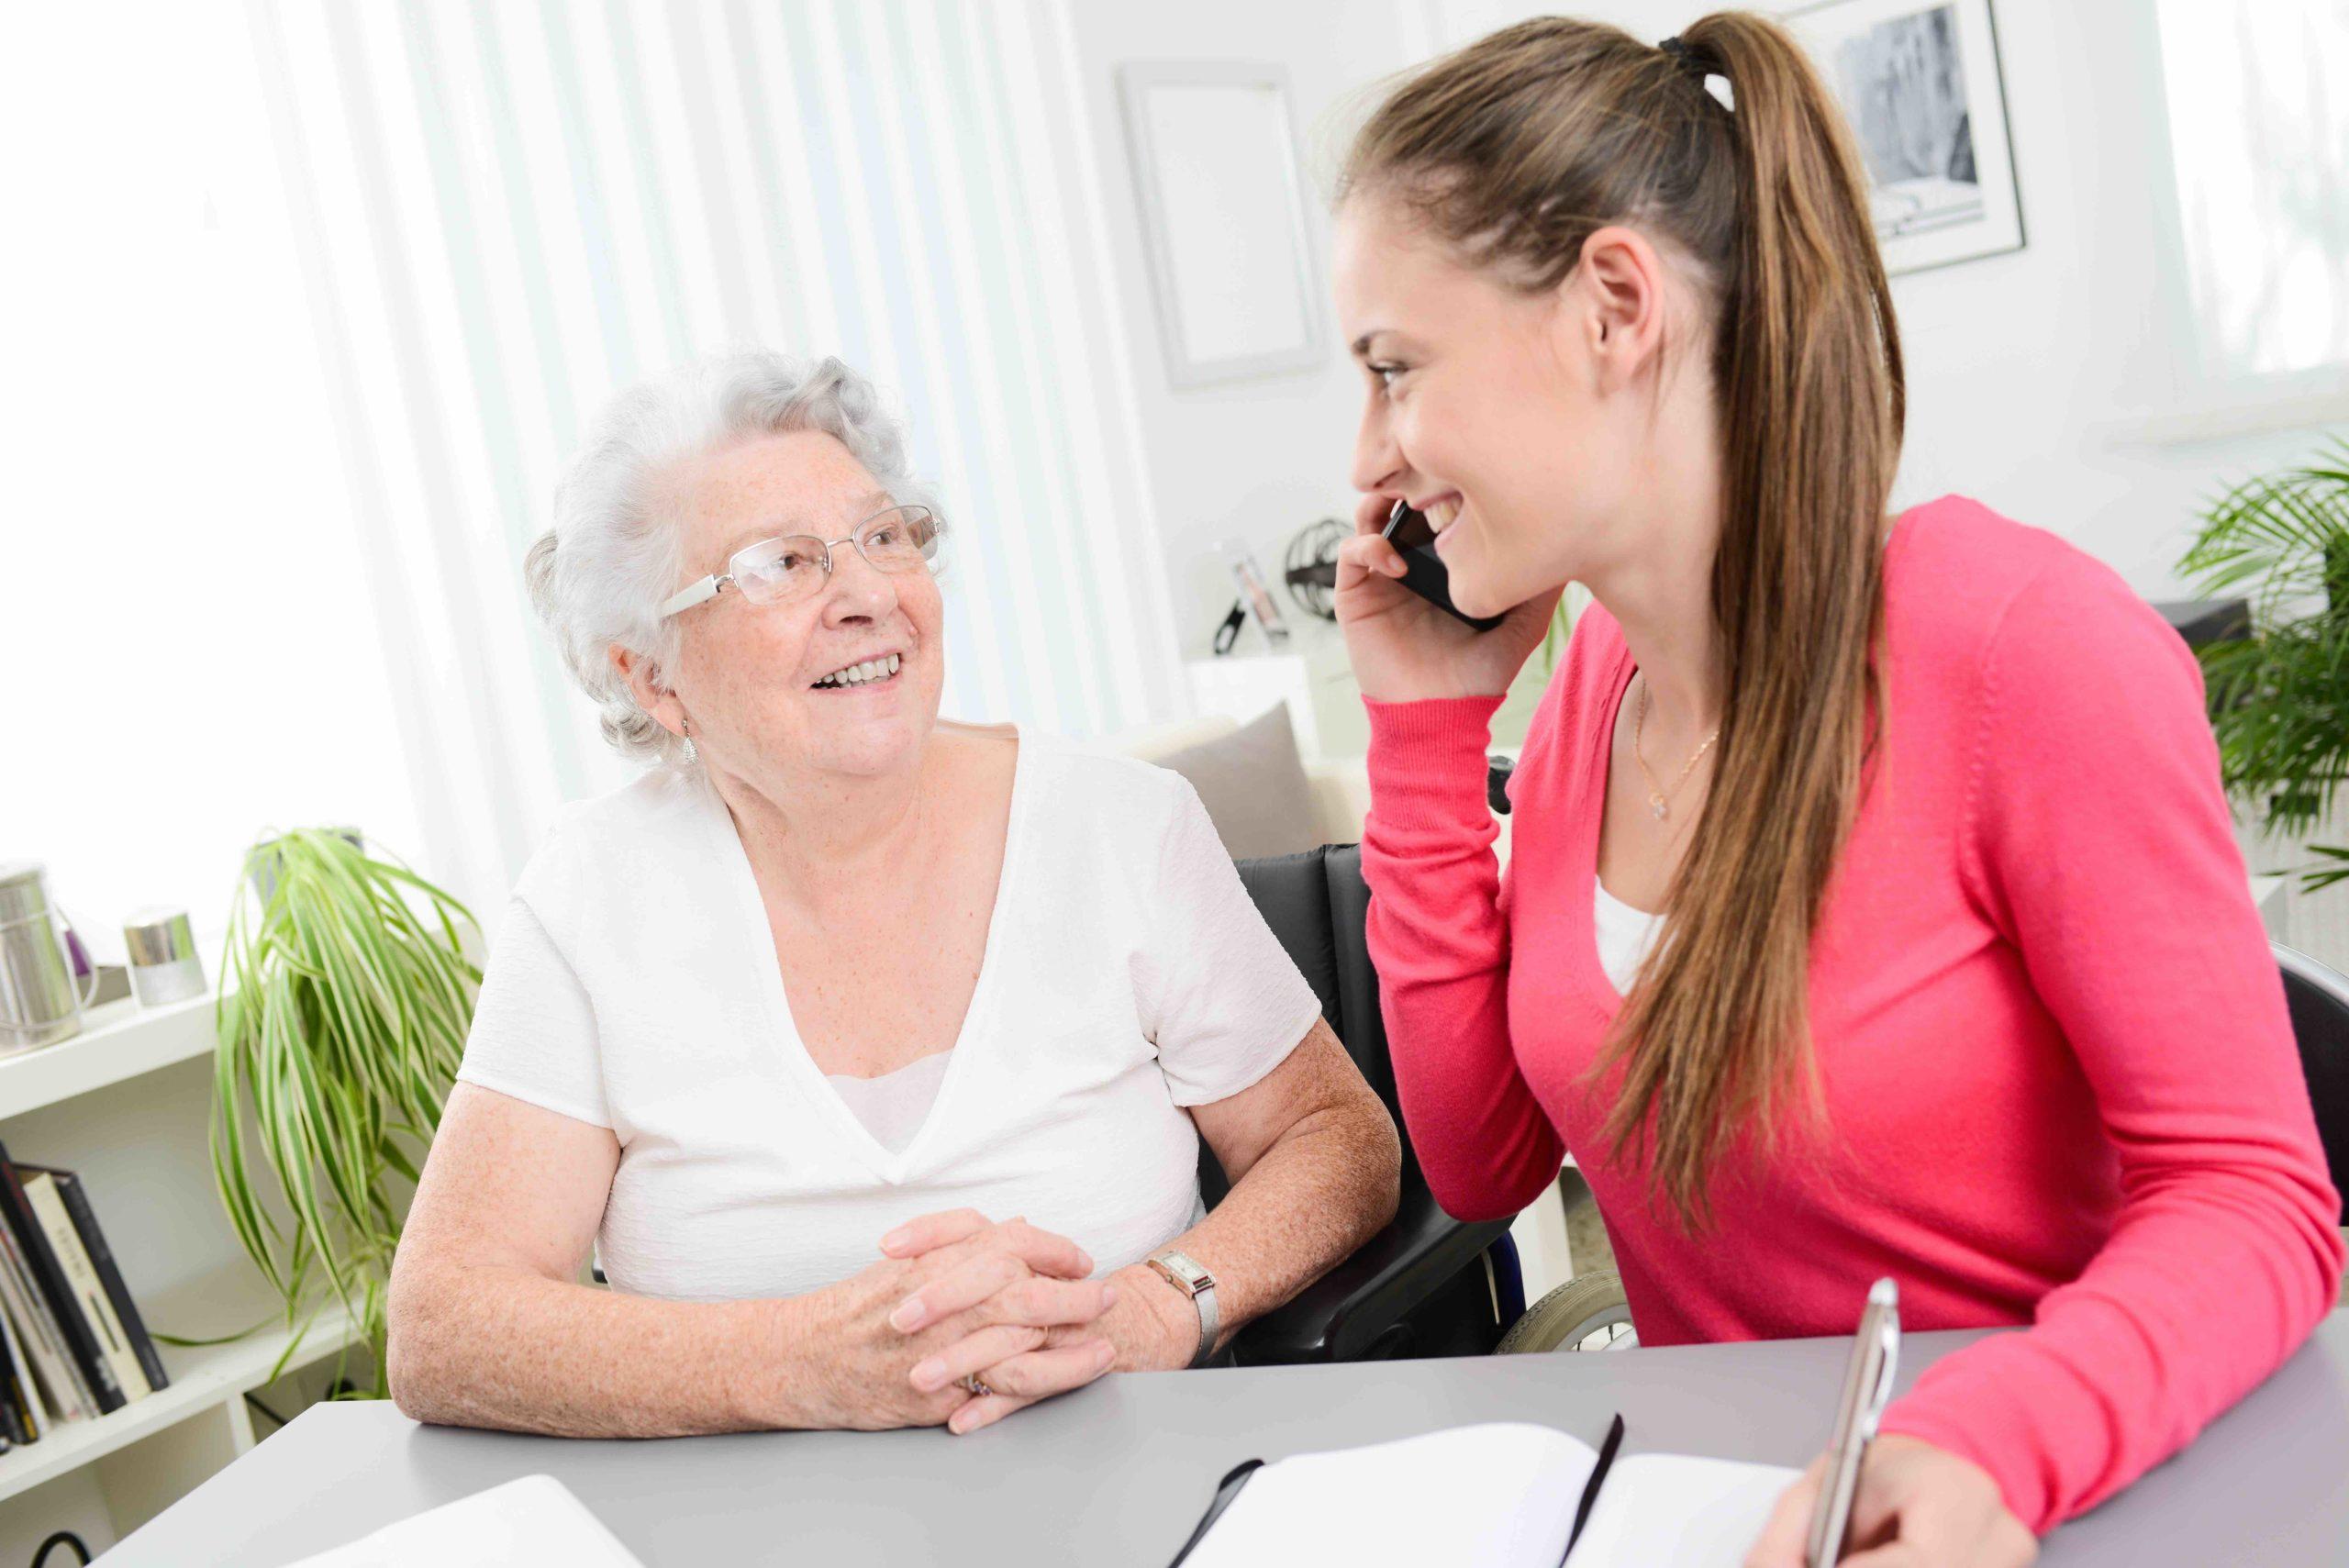 Santéclair : comment accéder à des professionnels de santé au meilleur coût ?